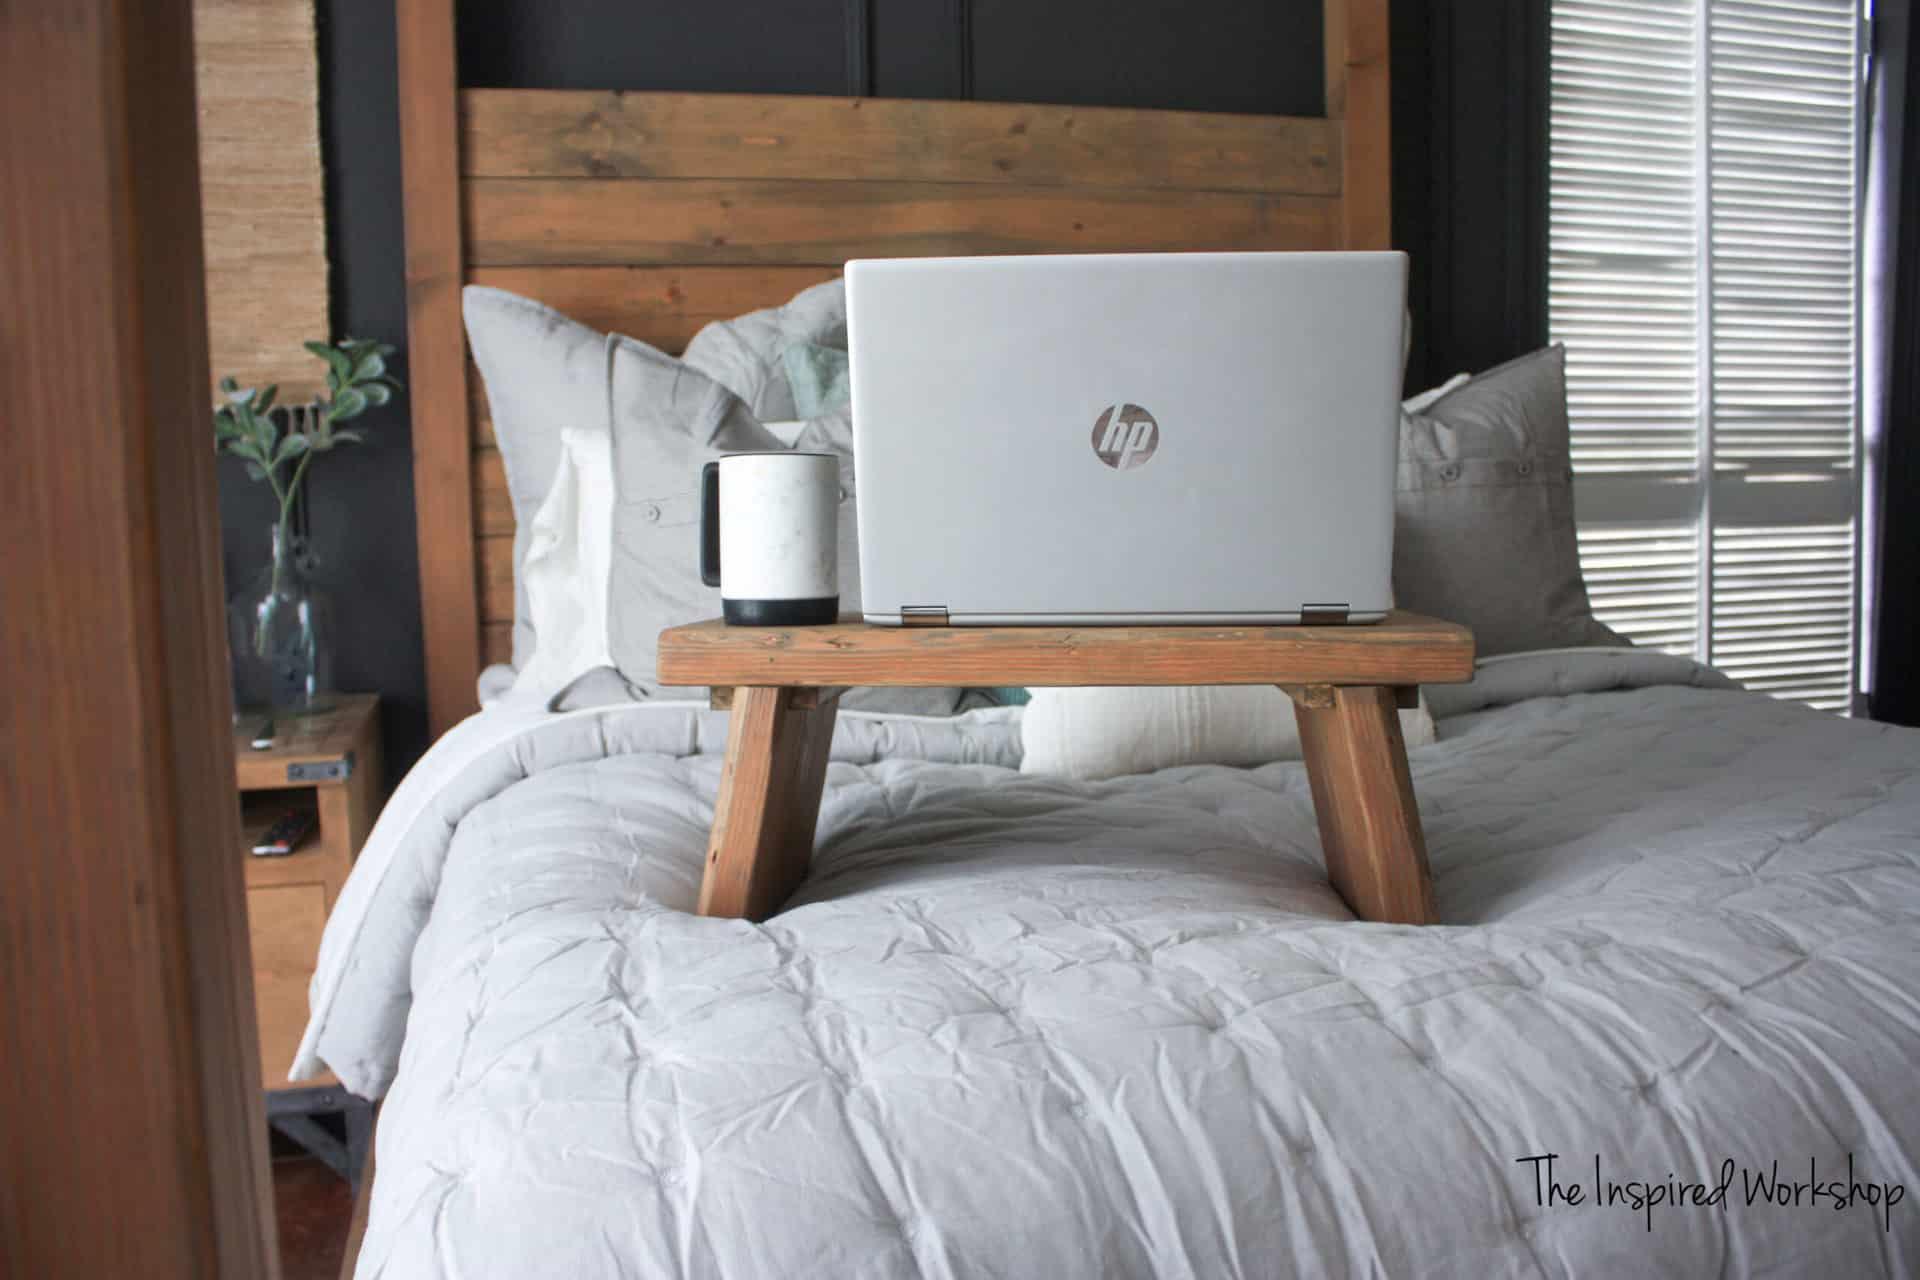 DIY Lap Desk for Bed